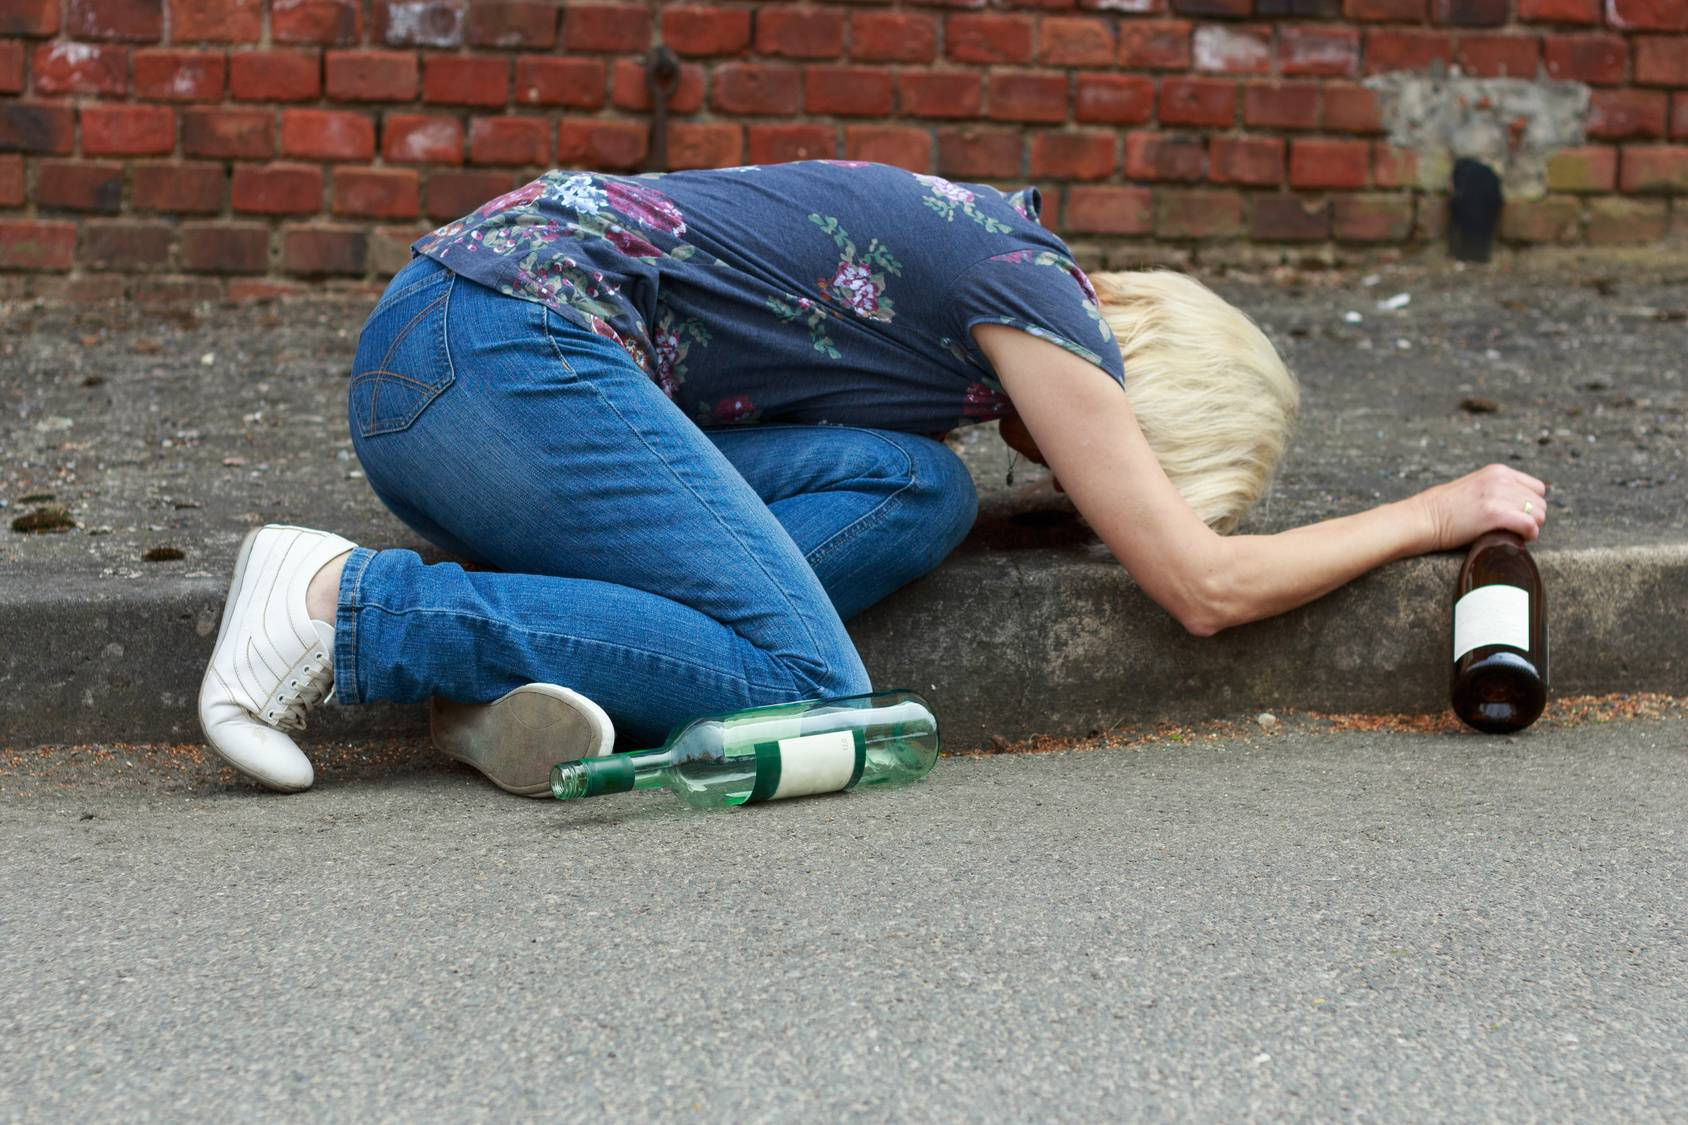 Пьяный и женщина картинка